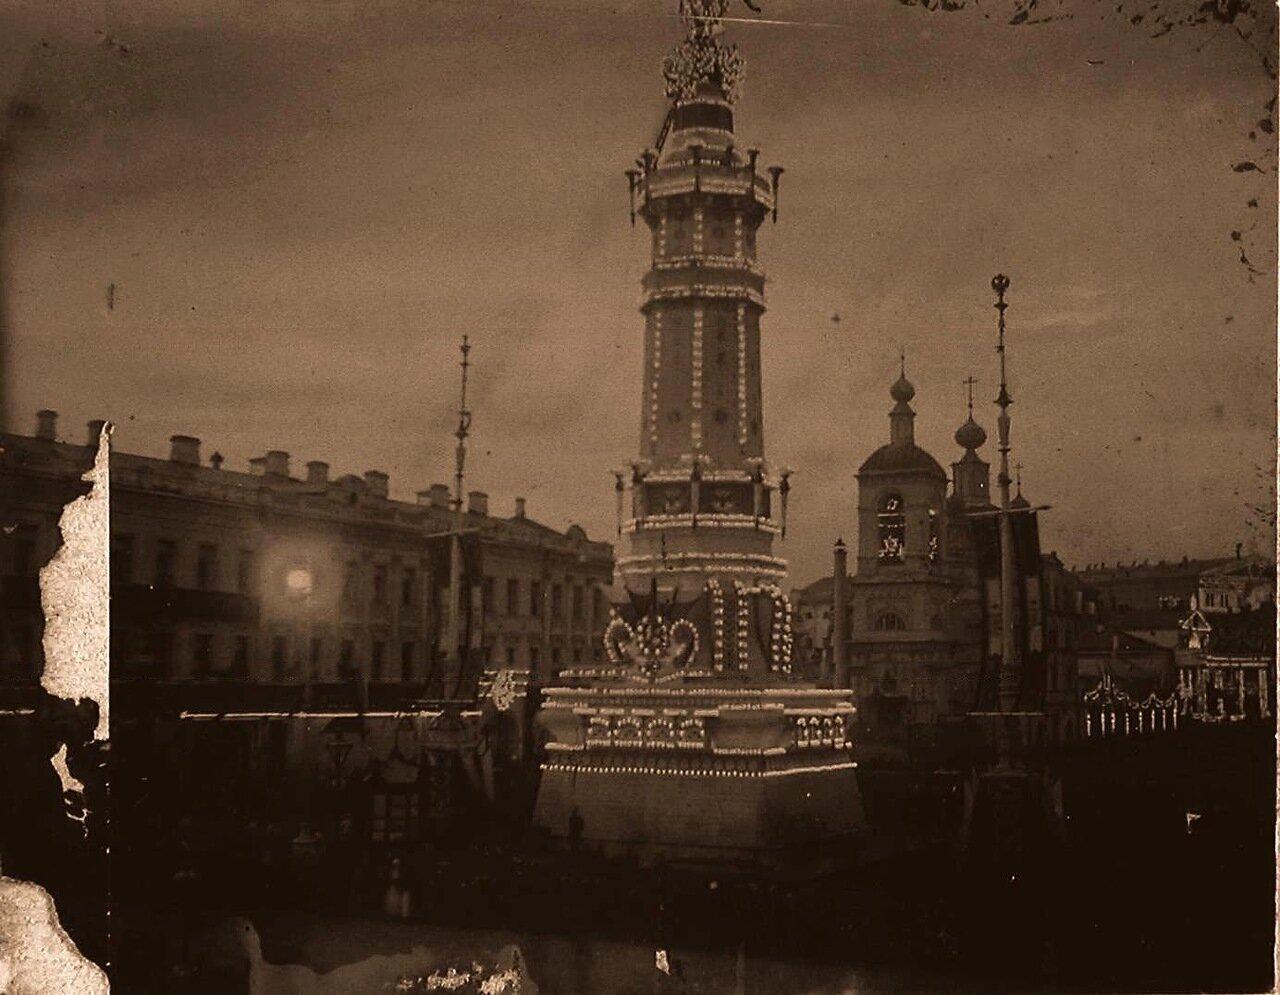 Вид одной из празднично украшенных и иллюминированных к торжествам коронации колонн (высотой 16 сажен), установленной в Охотном ряду напротив часовни Александра Невского